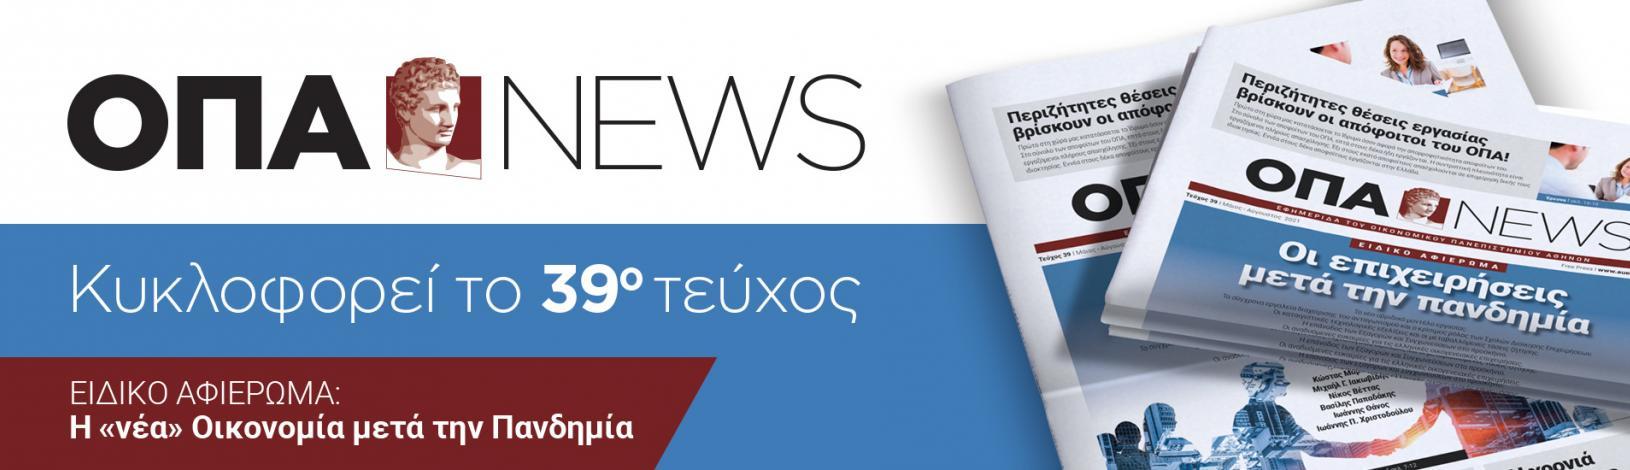 39ο τεύχος ΟΠΑ News